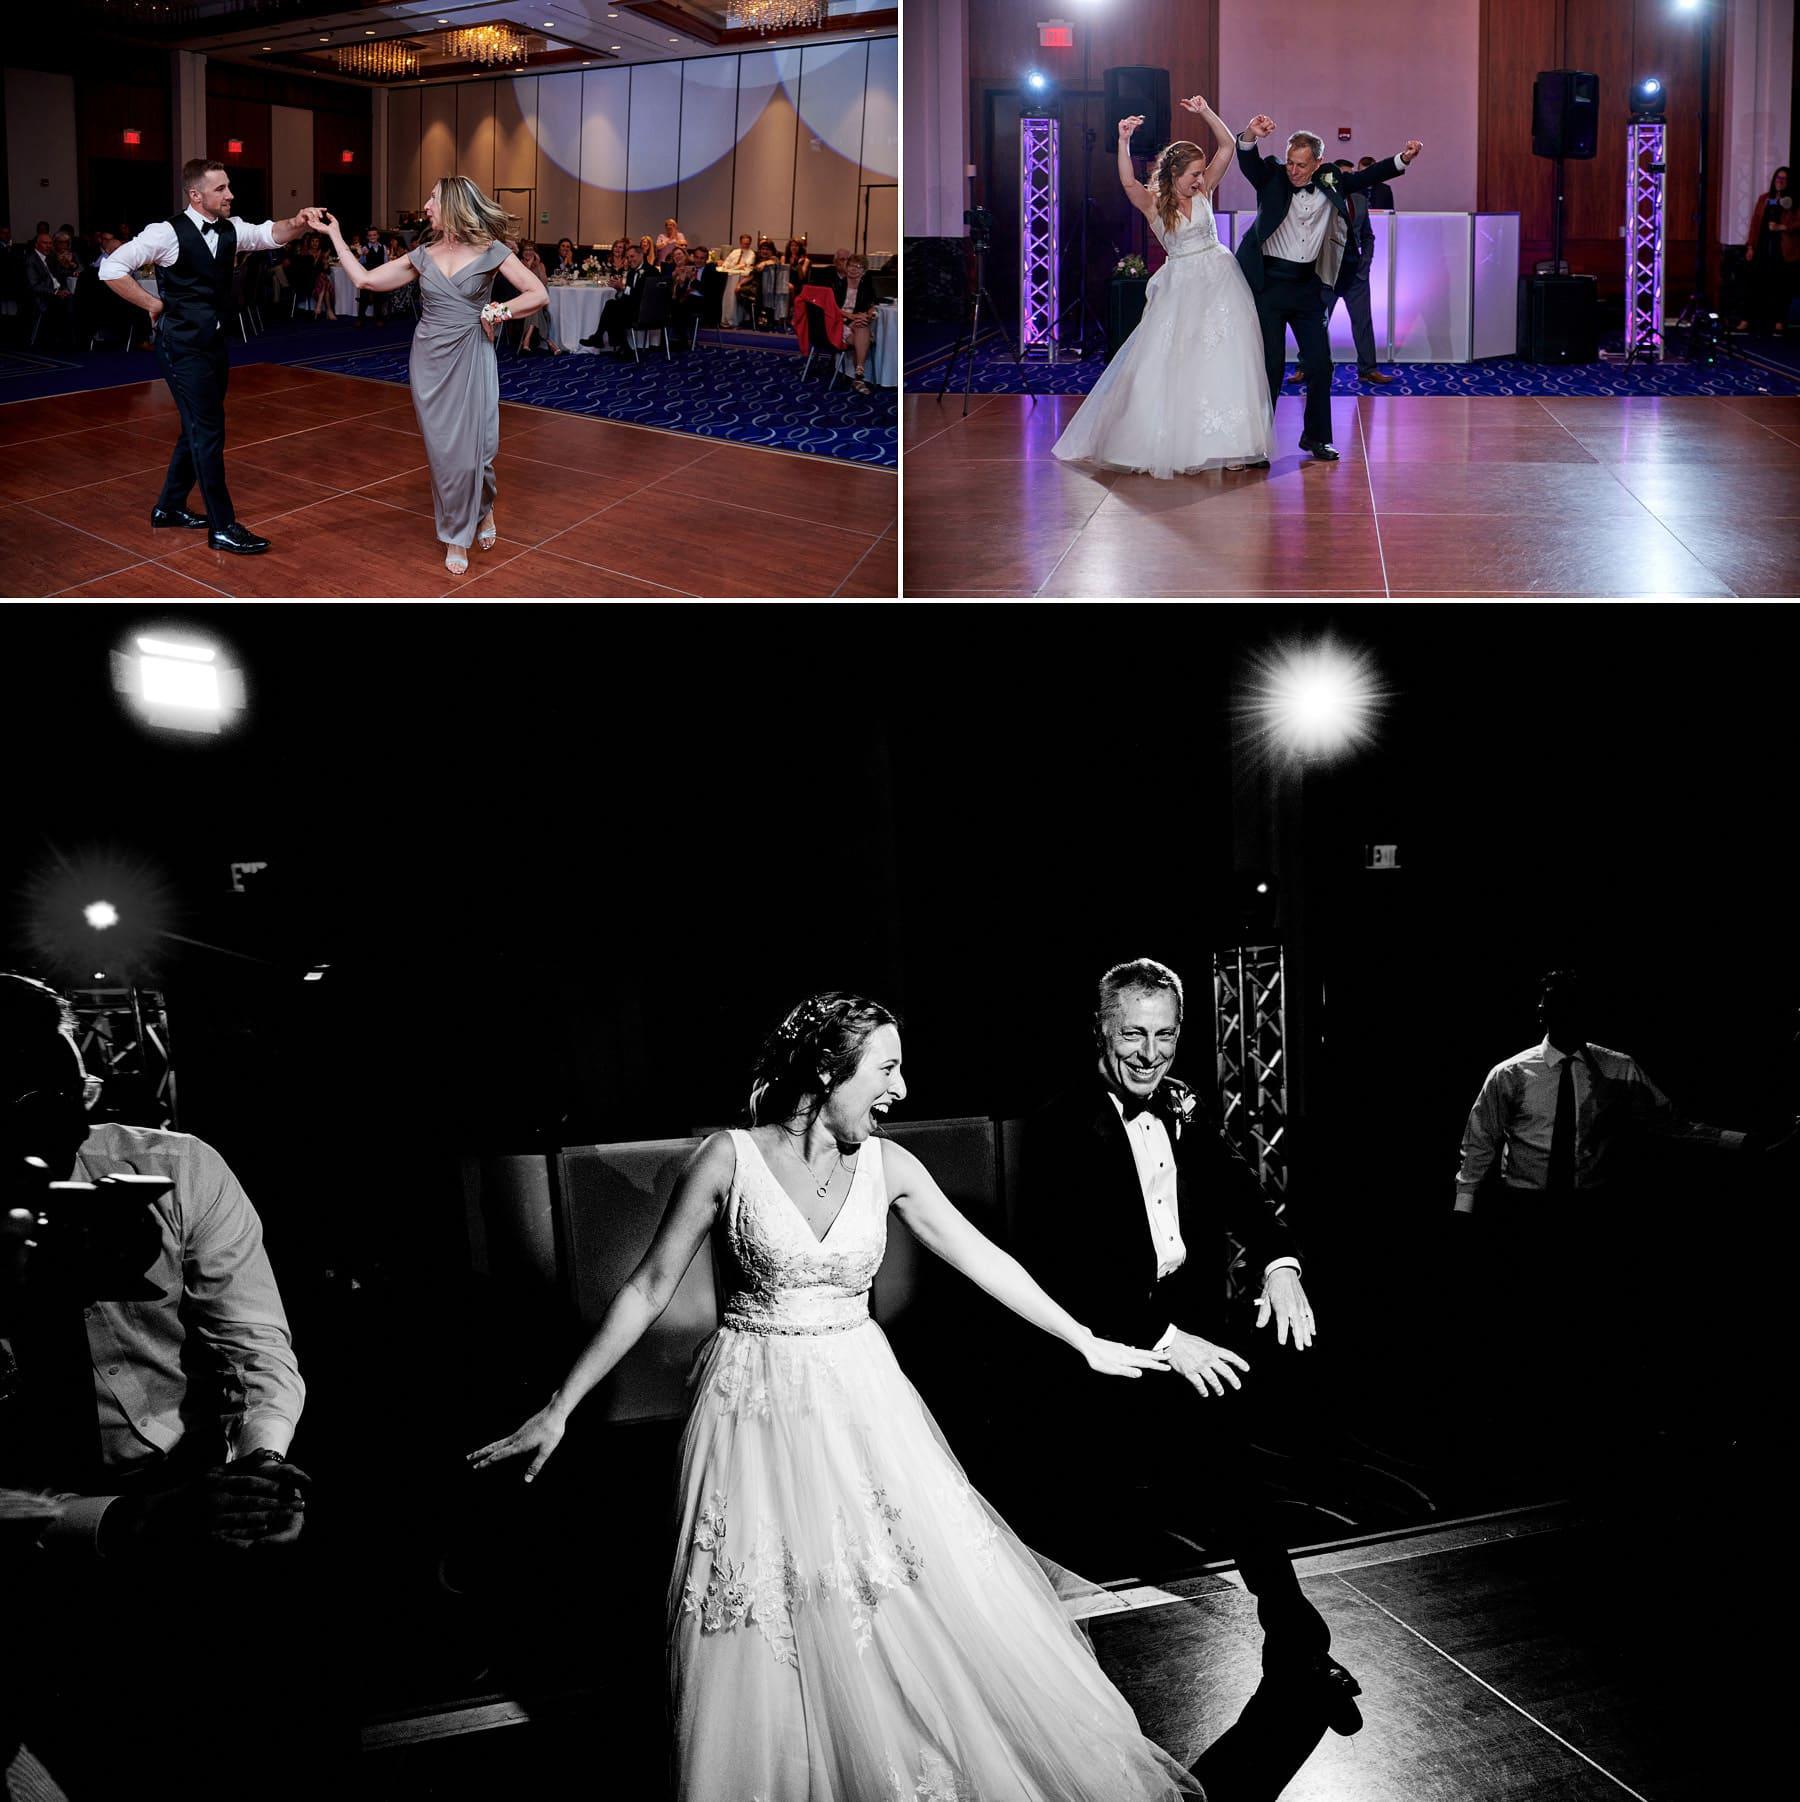 wedding parent dances at hyatt new brunswick